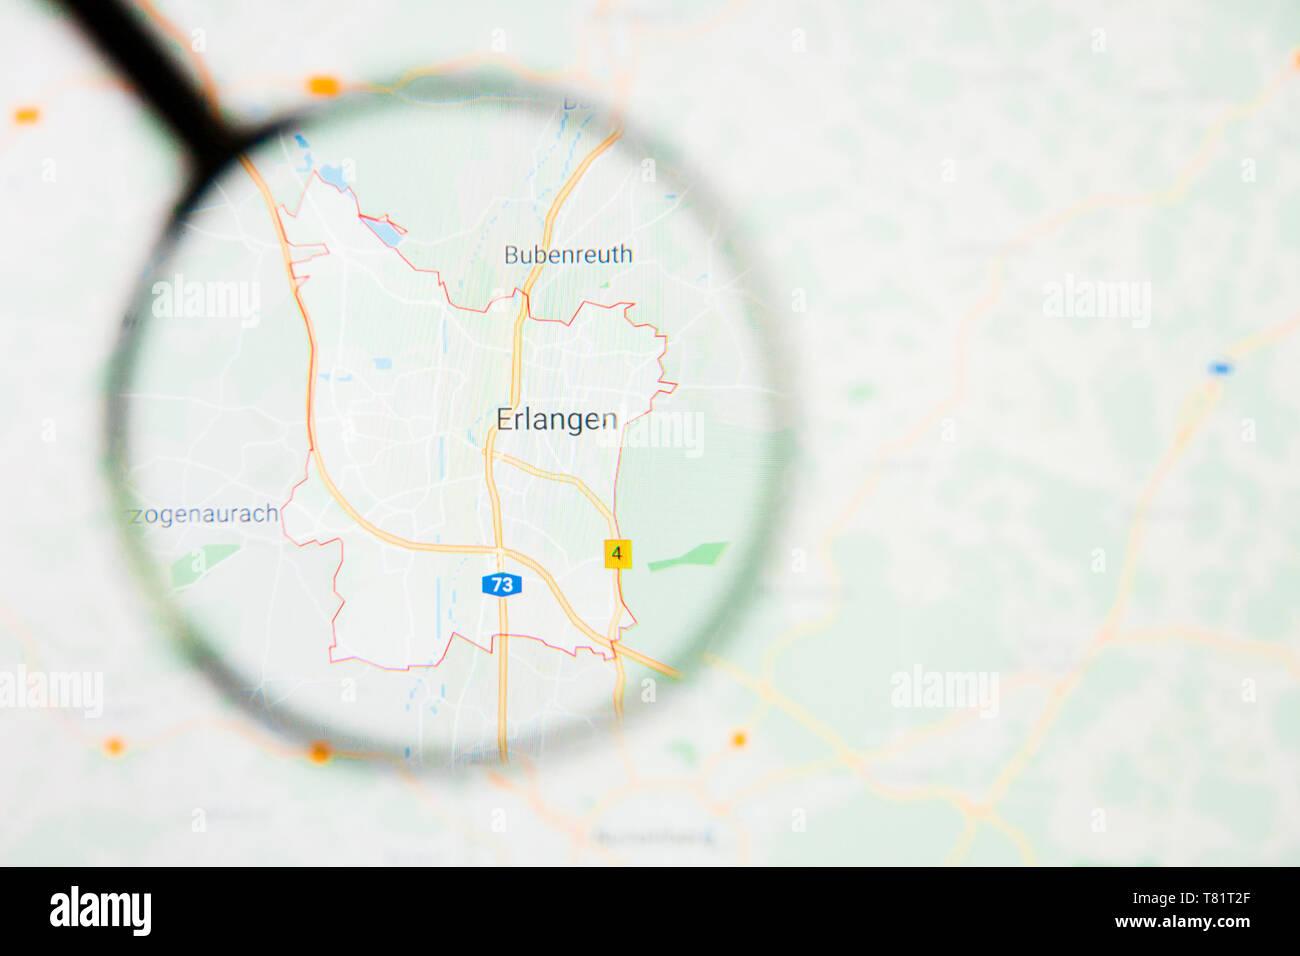 Map Of Germany Erlangen.Erlangen Stock Photos Erlangen Stock Images Alamy